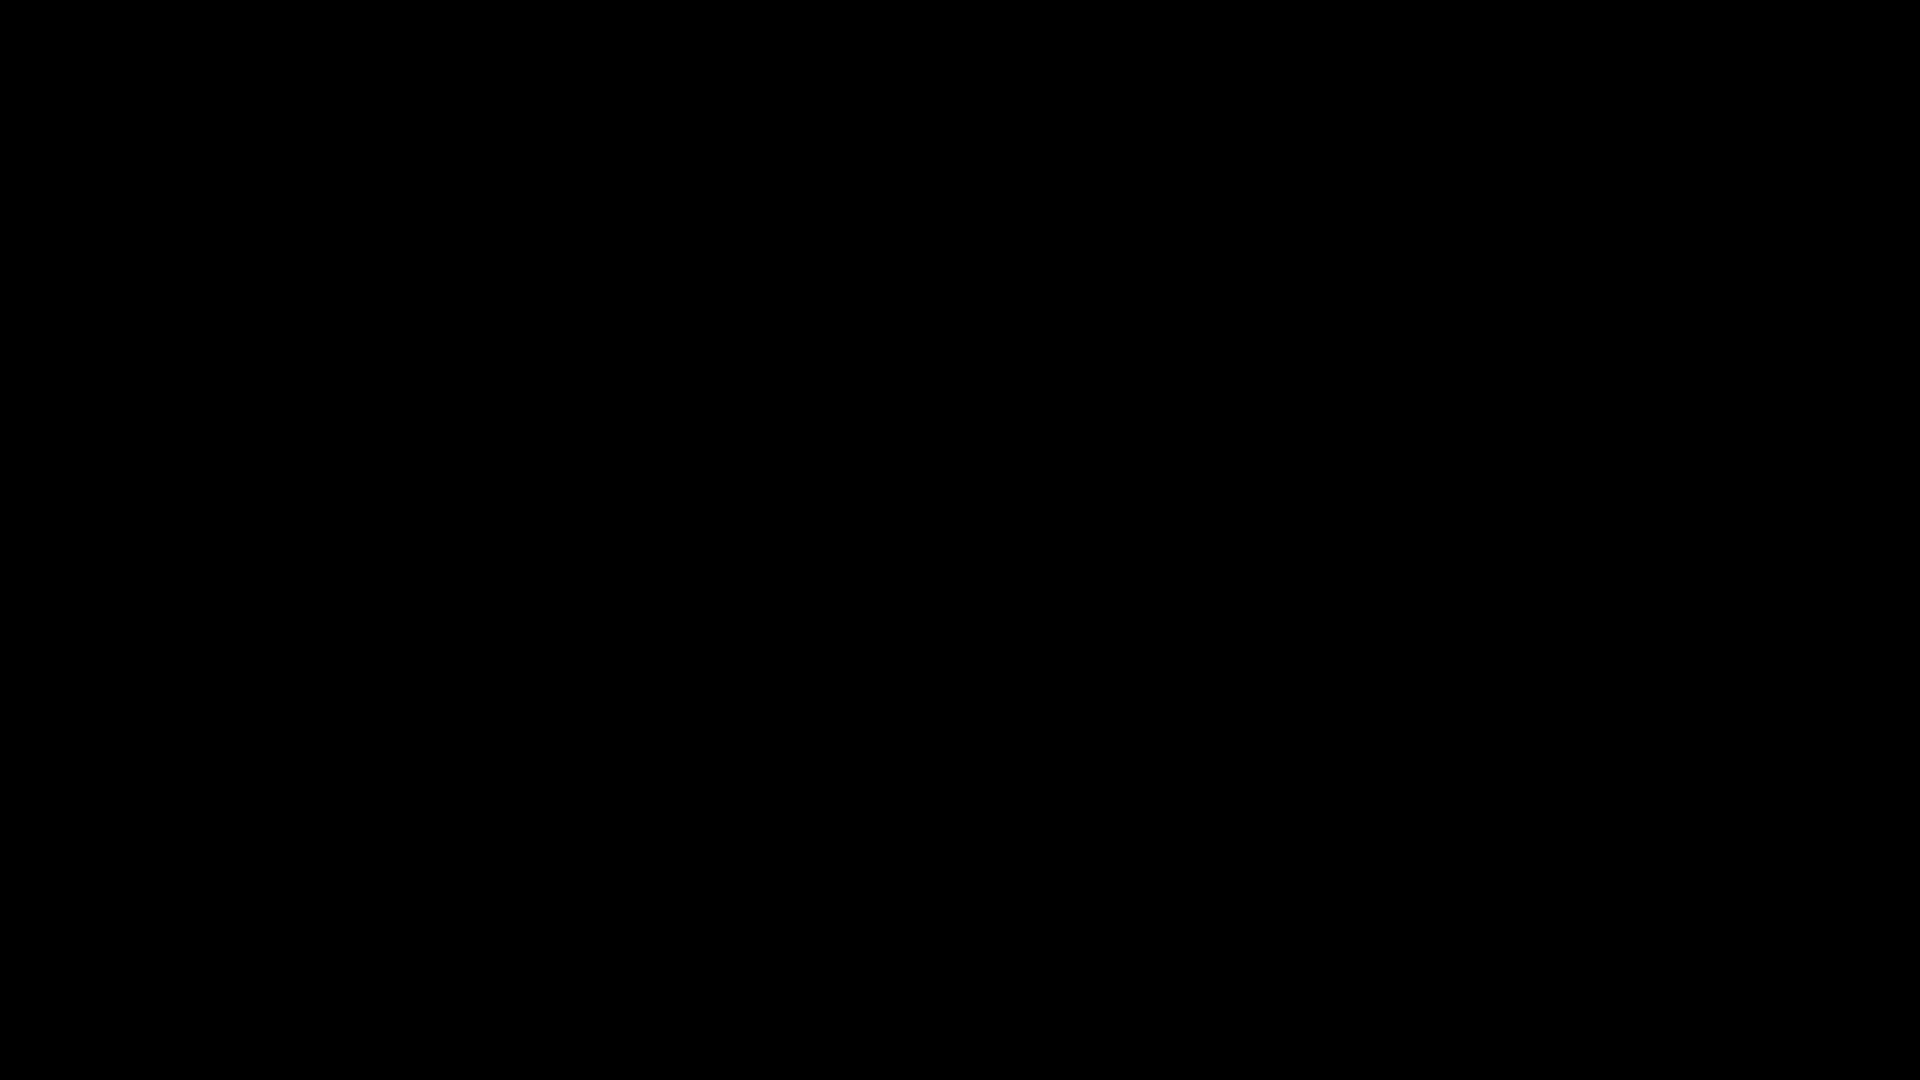 Recognized crest